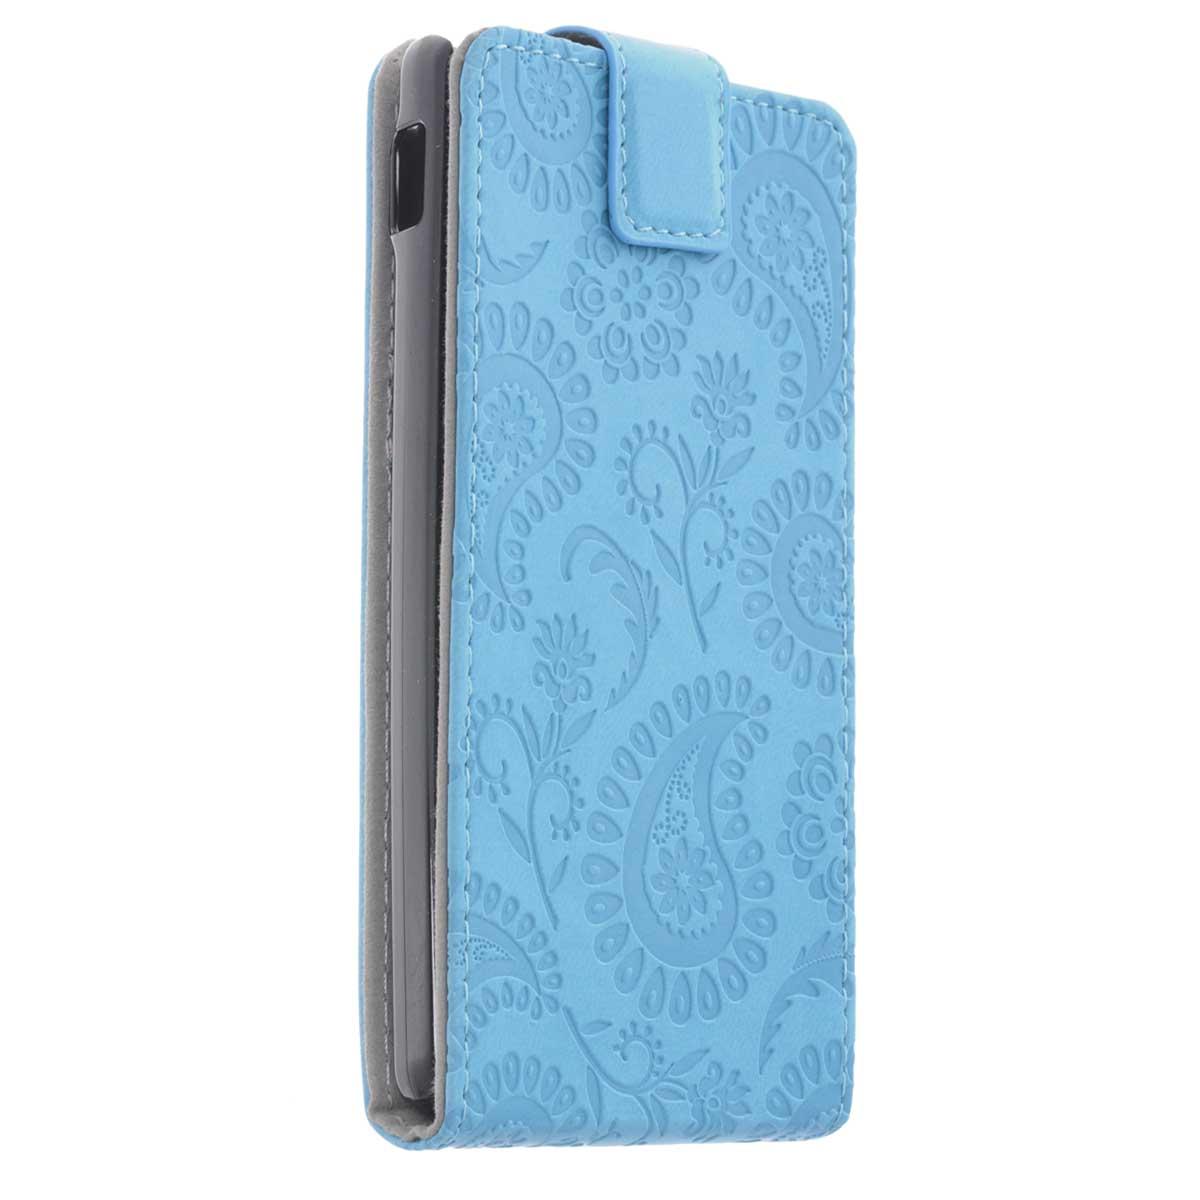 Gissar Paisley чехол для LG Optimus L9 (P765), Blue76054Чехол Gissar Paisley для LG Optimus L9 предназначен для защиты корпуса смартфона от механических повреждений и царапин в процессе эксплуатации. Имеет свободный доступ ко всем разъемам и кнопкам устройства.